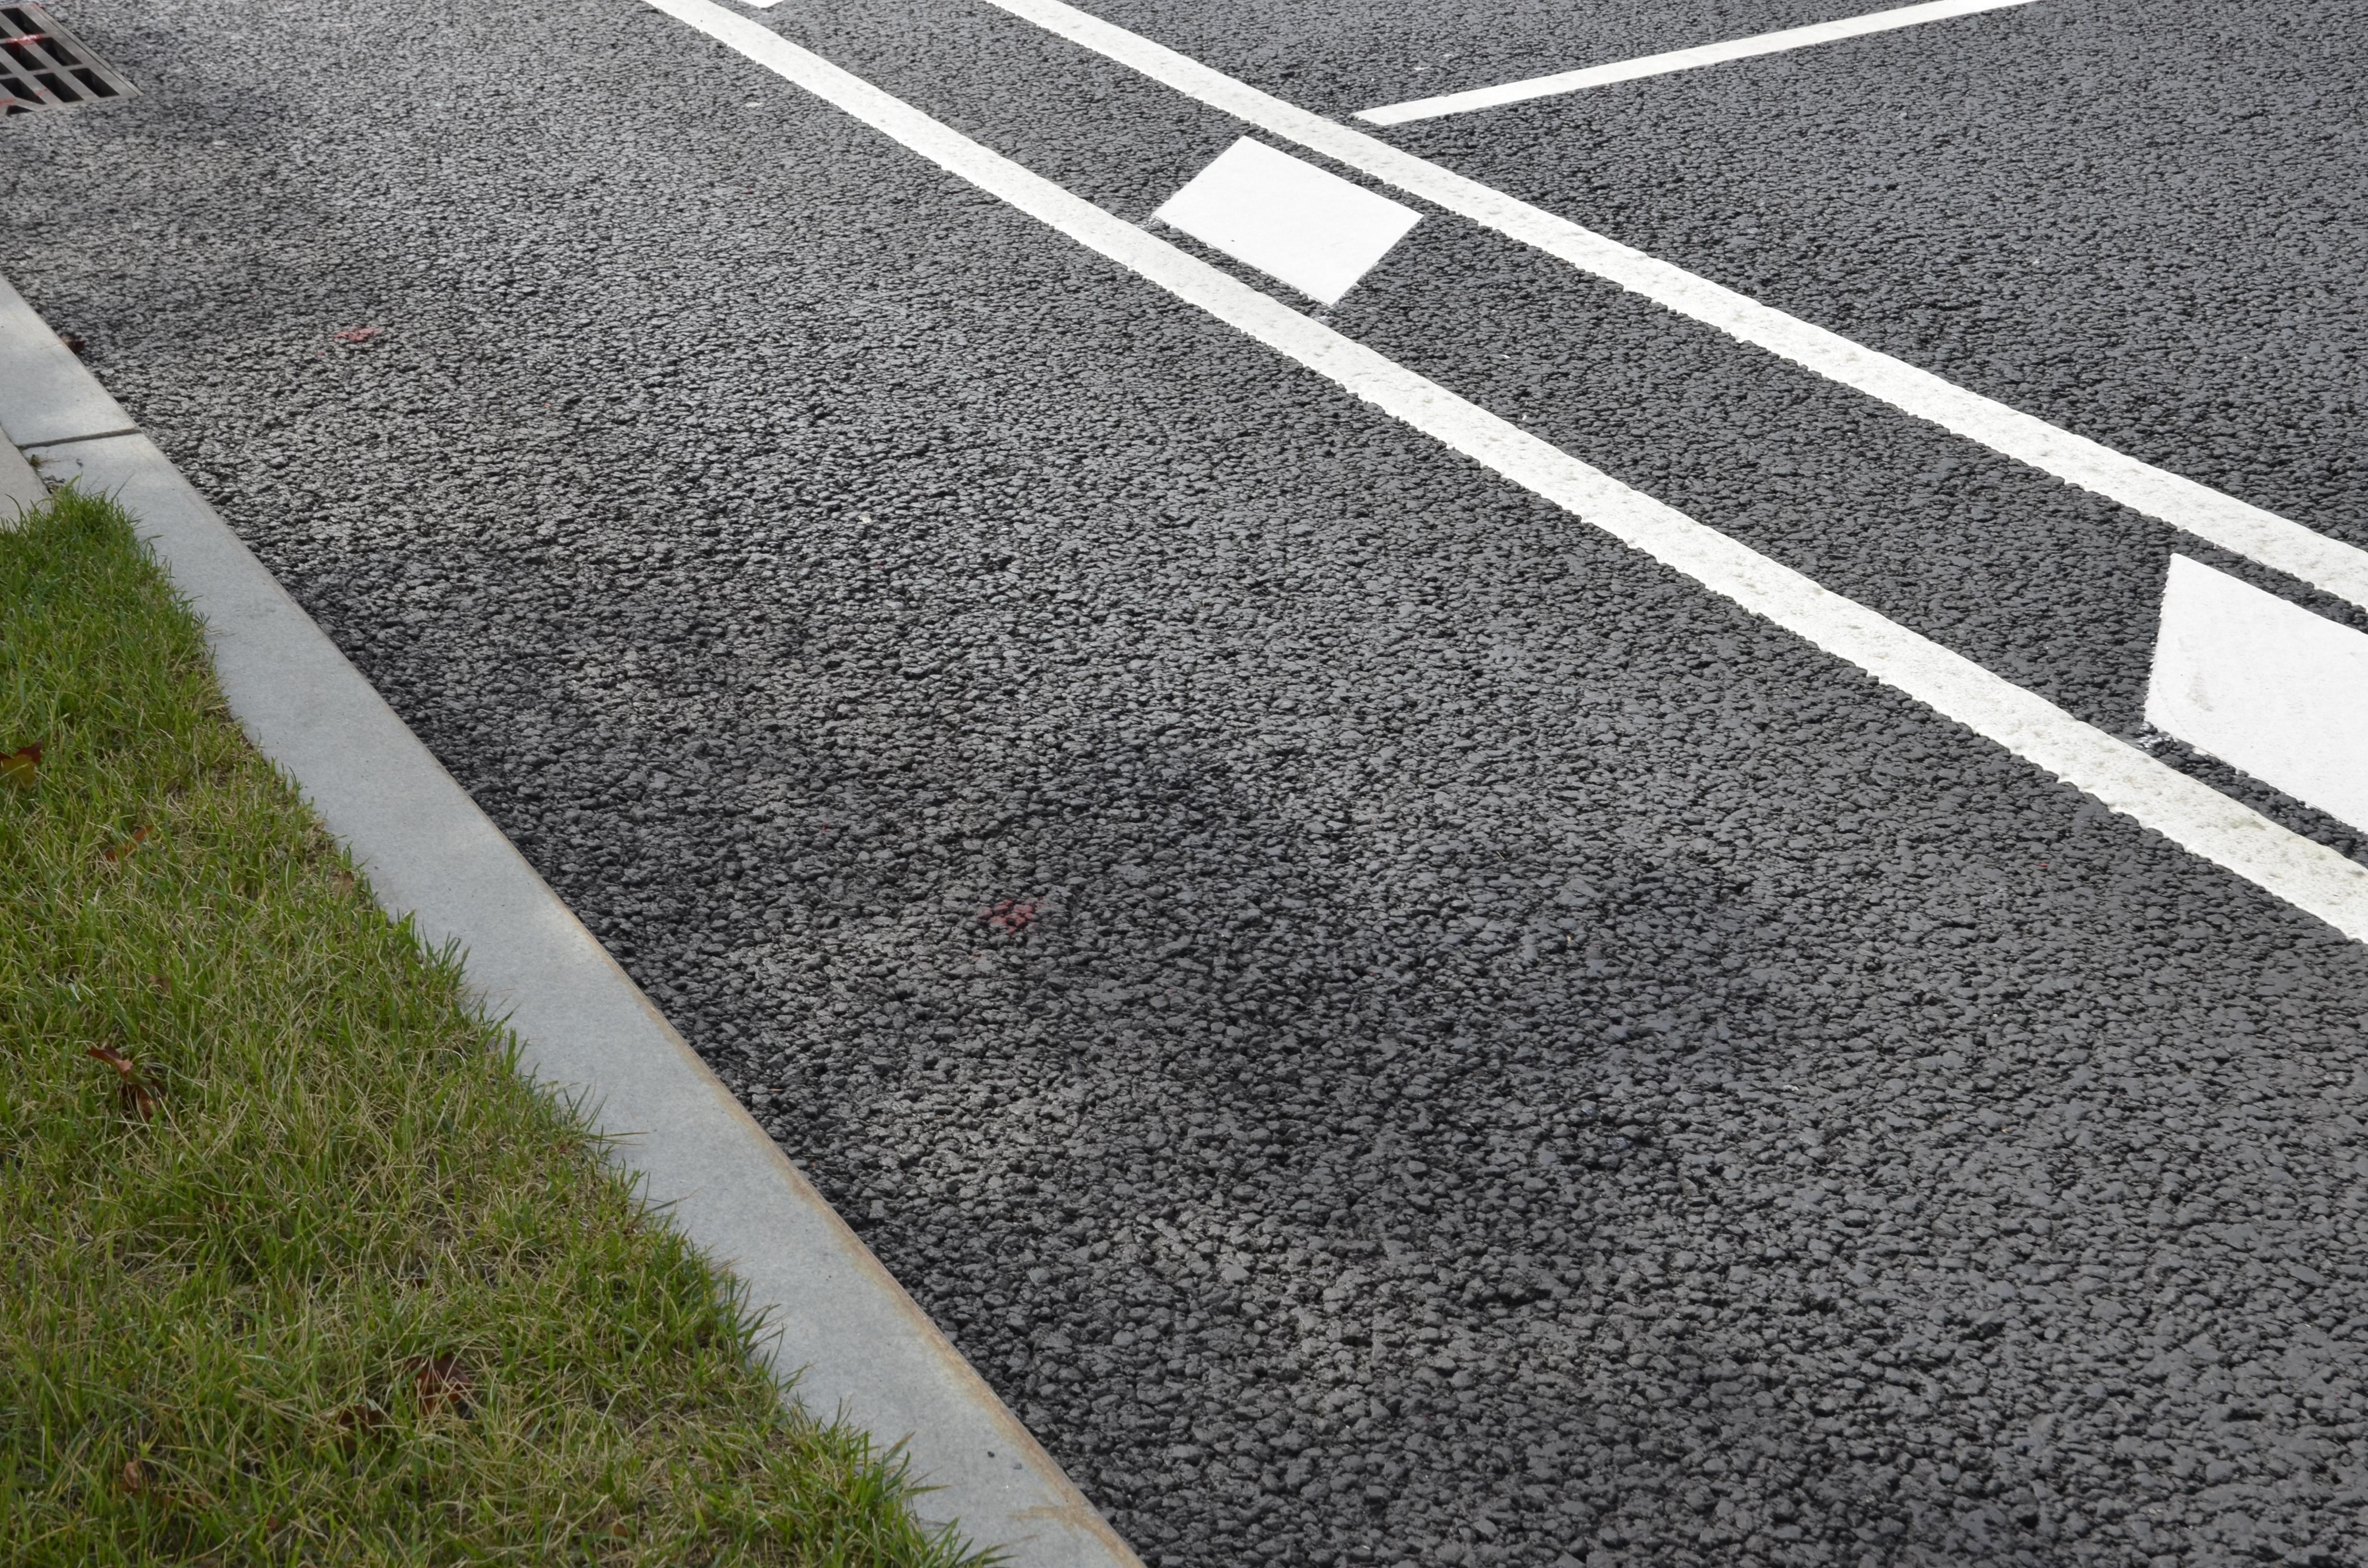 Новый поворот: дорожную разметку завершили в городском округе Троицк